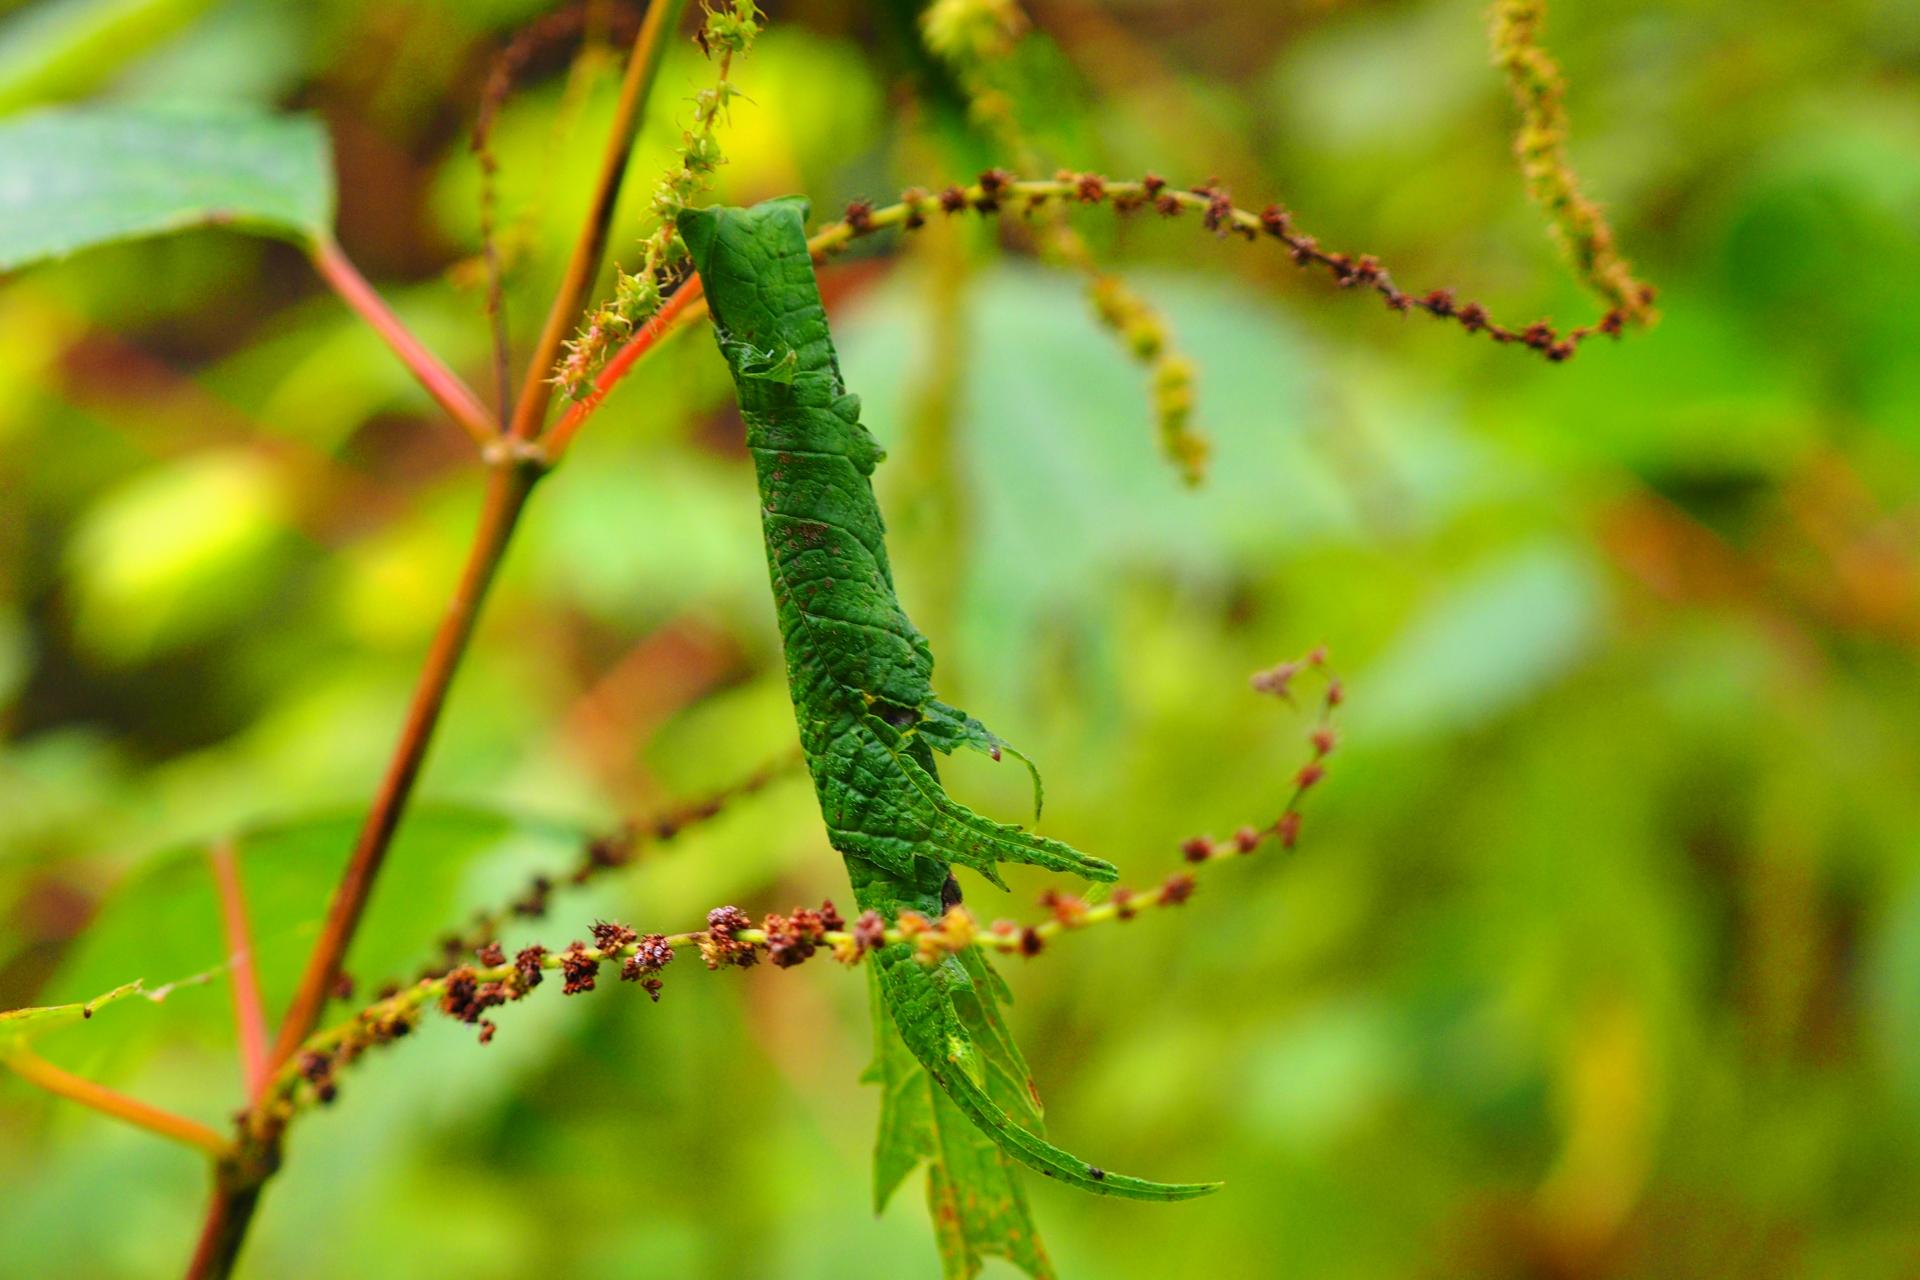 ハマキムシとは?生態・発生時期や薬剤など効果的な防除方法をご紹介!